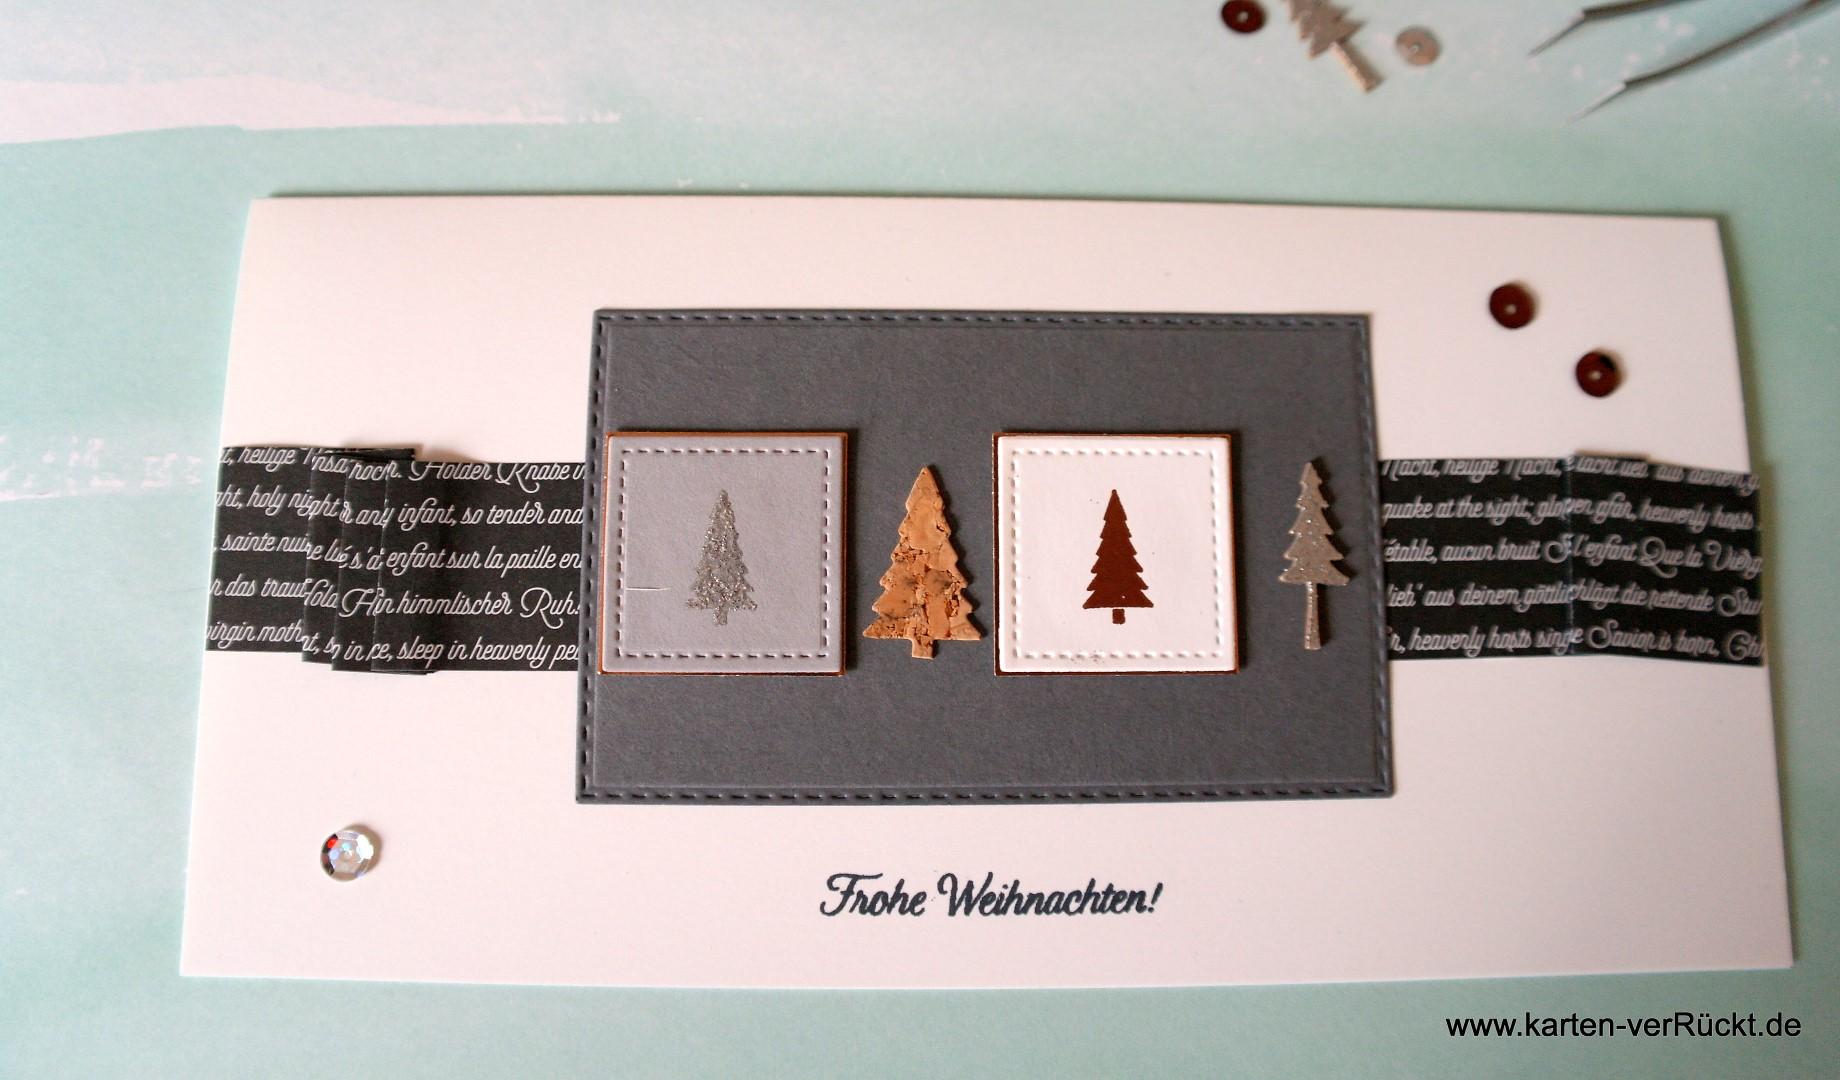 Wunderbar Edle Weihnachtskarten Basteln Ideen Von Bis Später Und Ich Verspreche Euch Eine